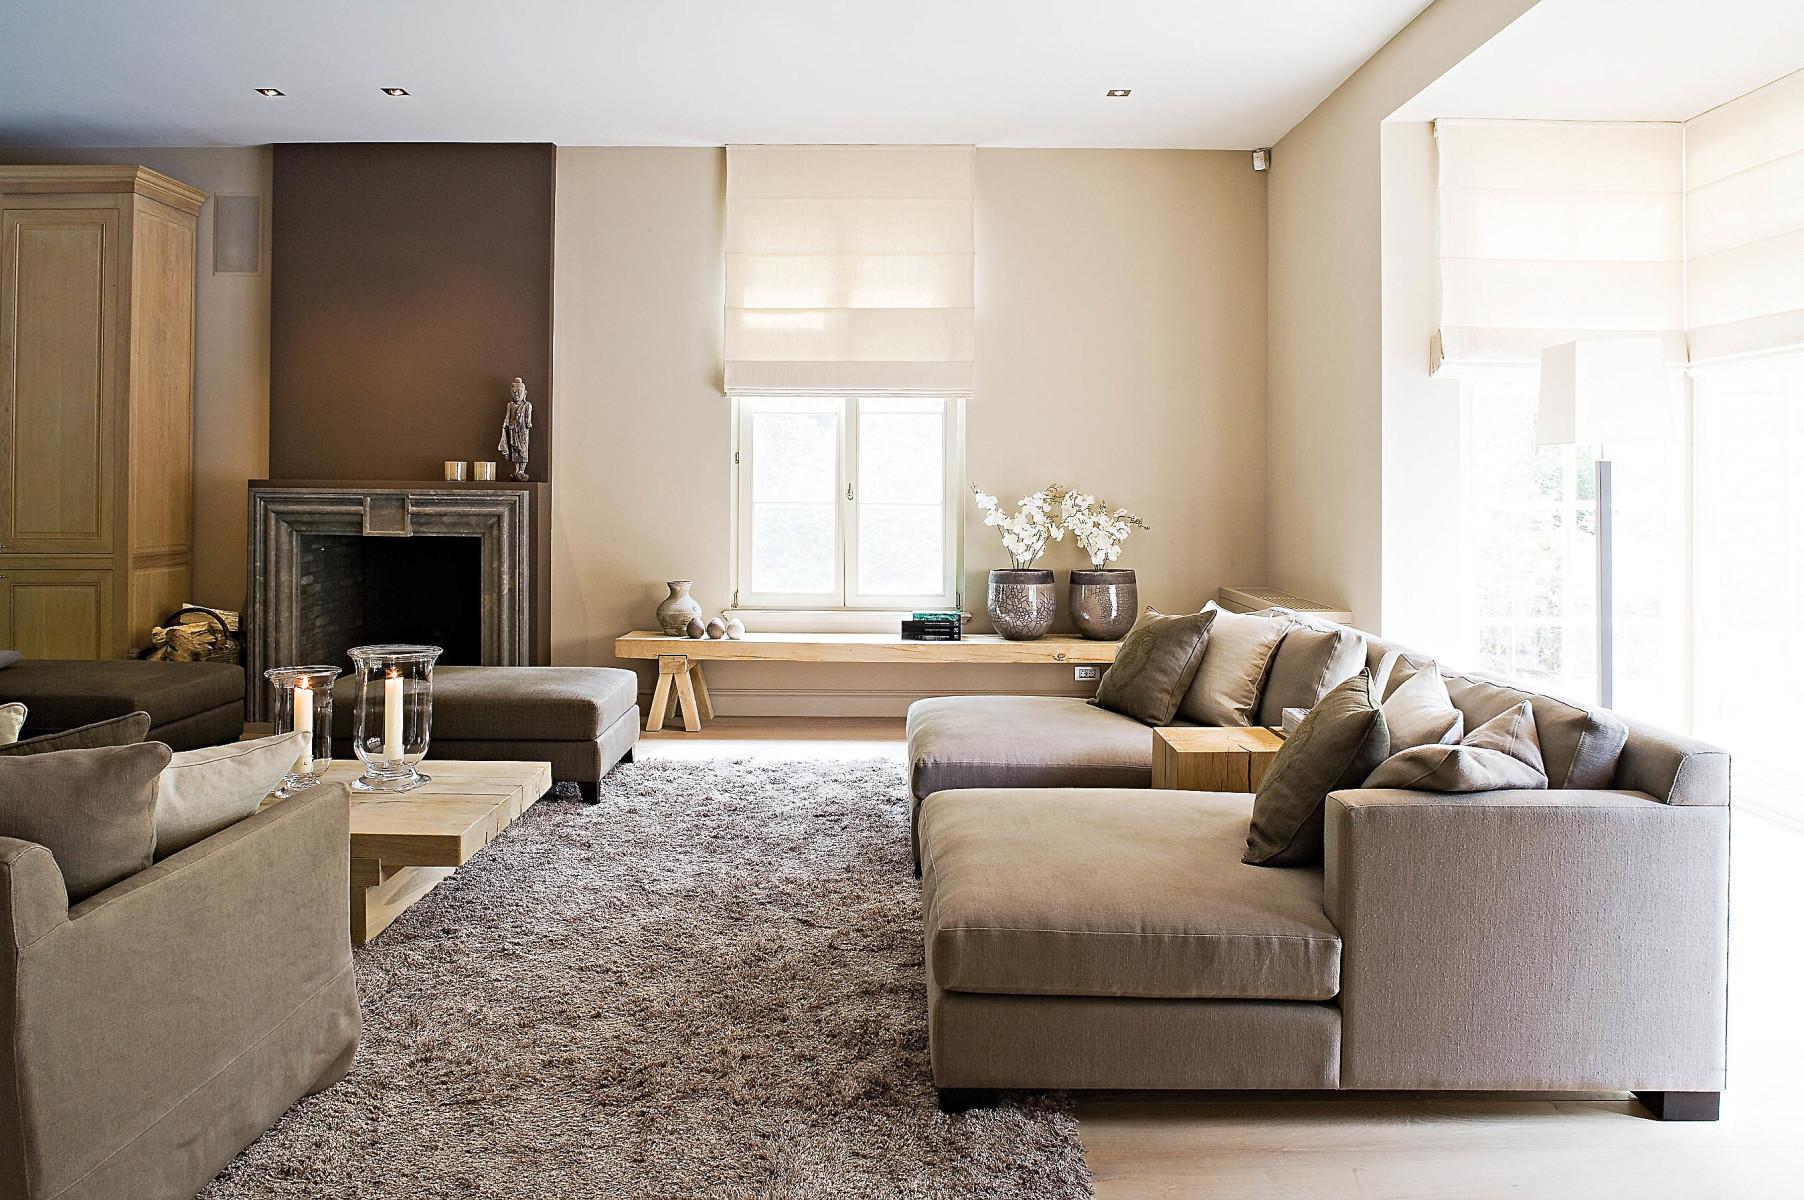 herbstdekoration wohnzimmer raum und m beldesign inspiration. Black Bedroom Furniture Sets. Home Design Ideas